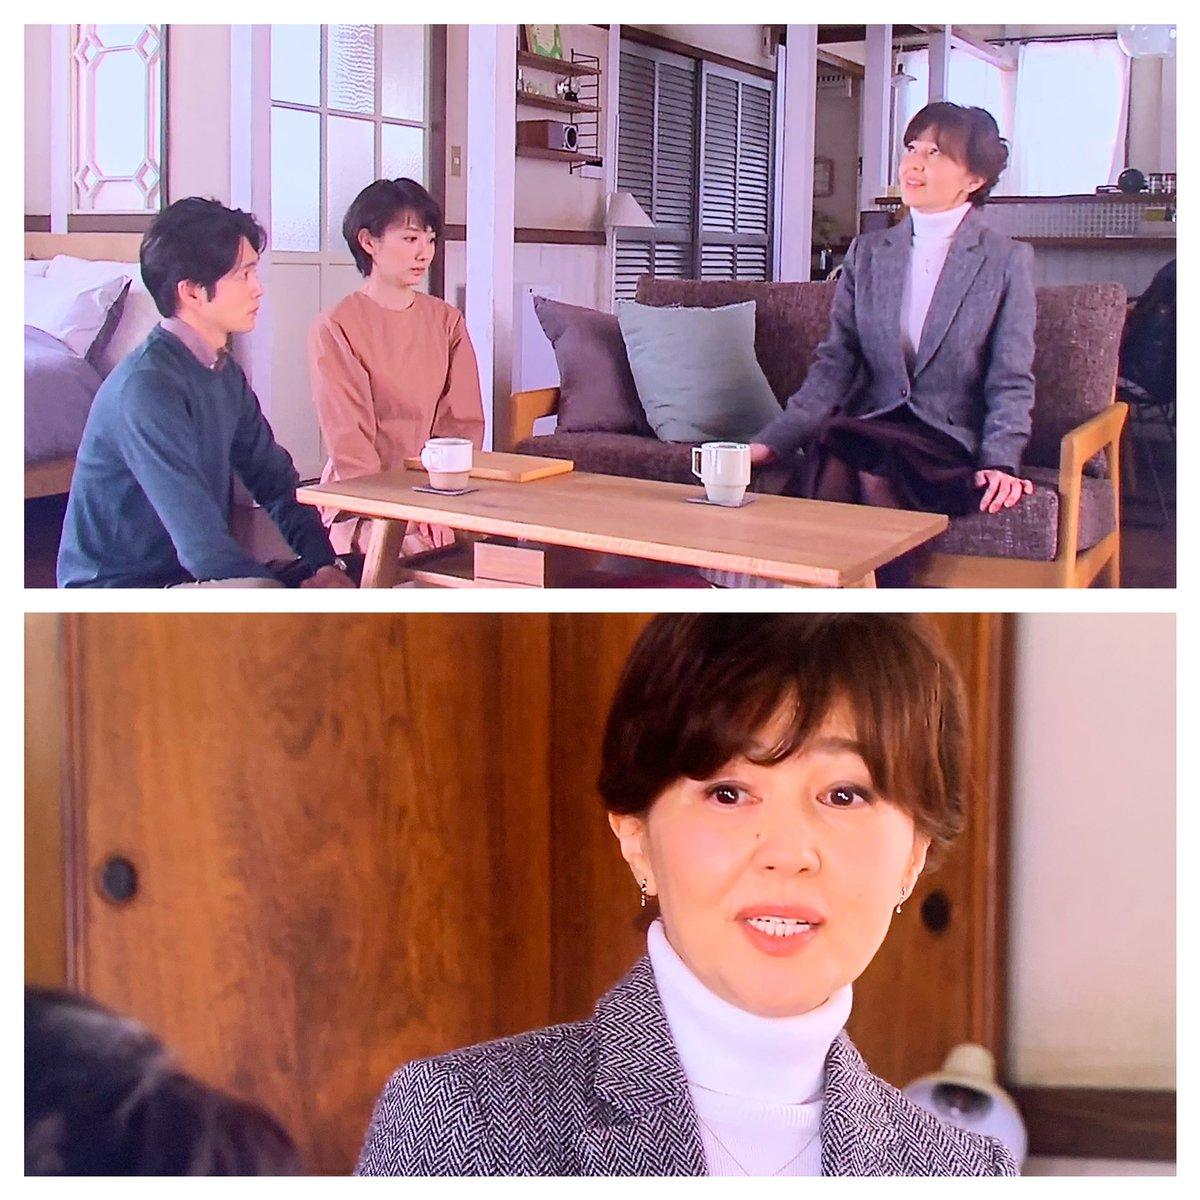 リモラブ8話の石野真子さんが秀逸すぎて 私だけ と思ったら あるわあるわ讃えるツイ Togetter